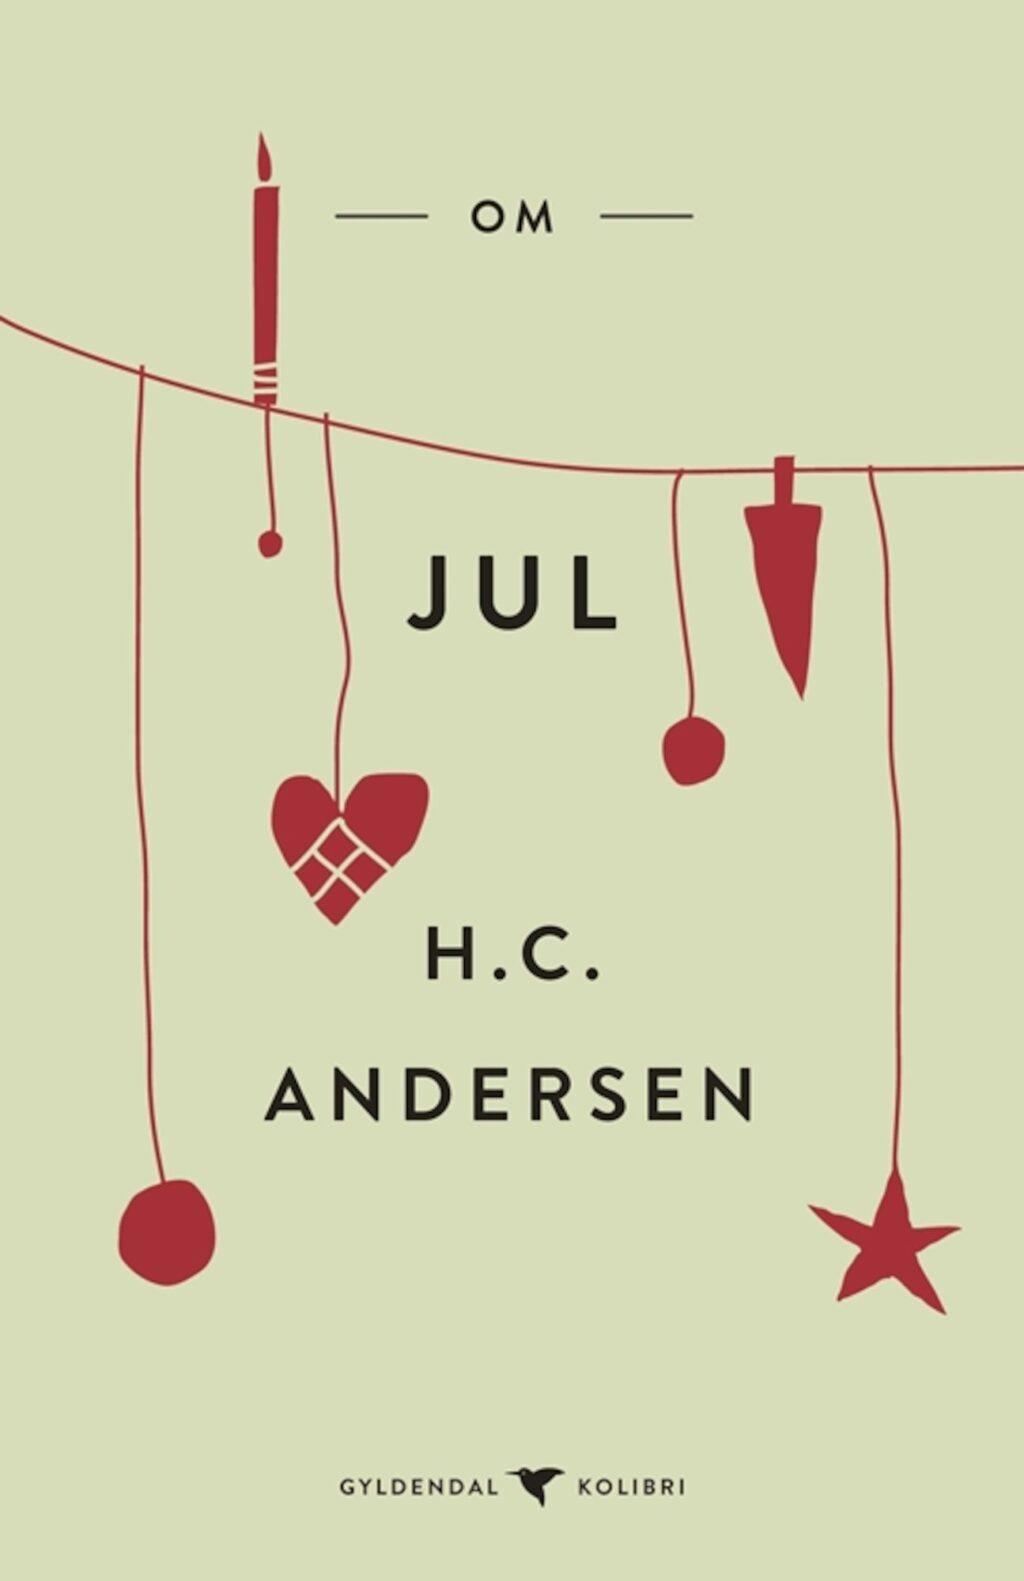 Gå til varen: Om jul – H. C. Andersen